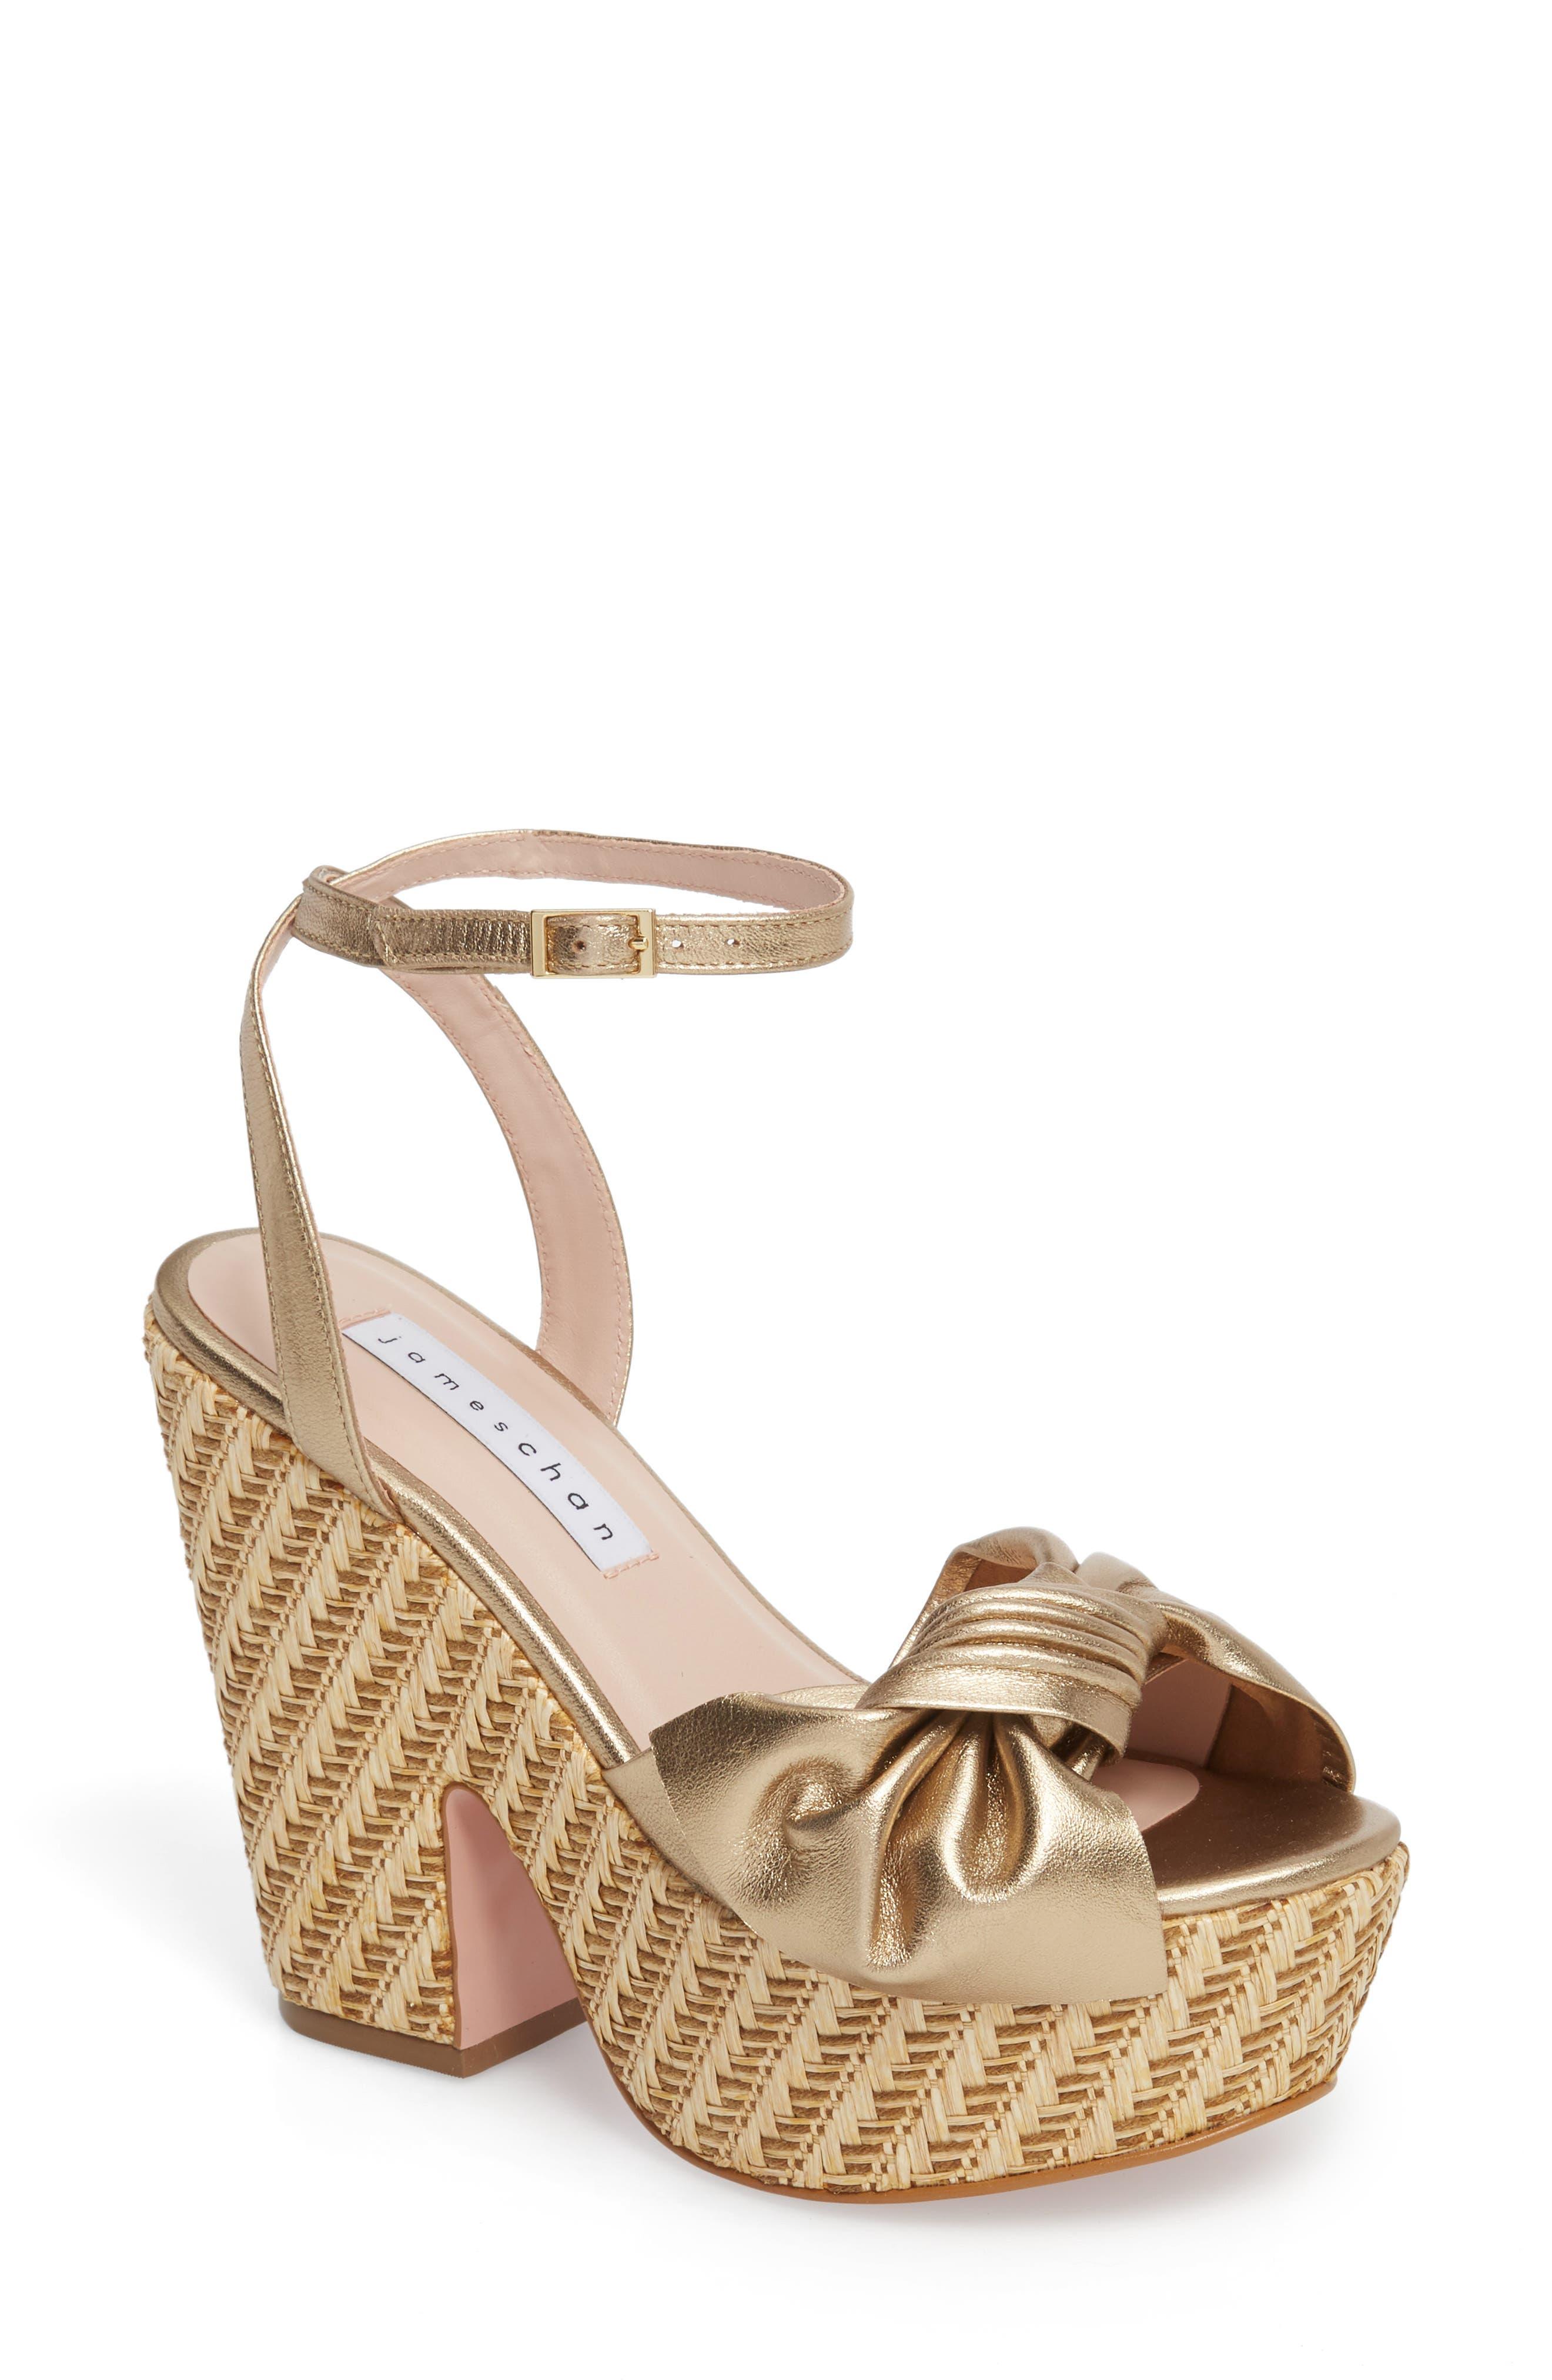 Pinky Platform Sandal,                         Main,                         color, Dark Gold Suede